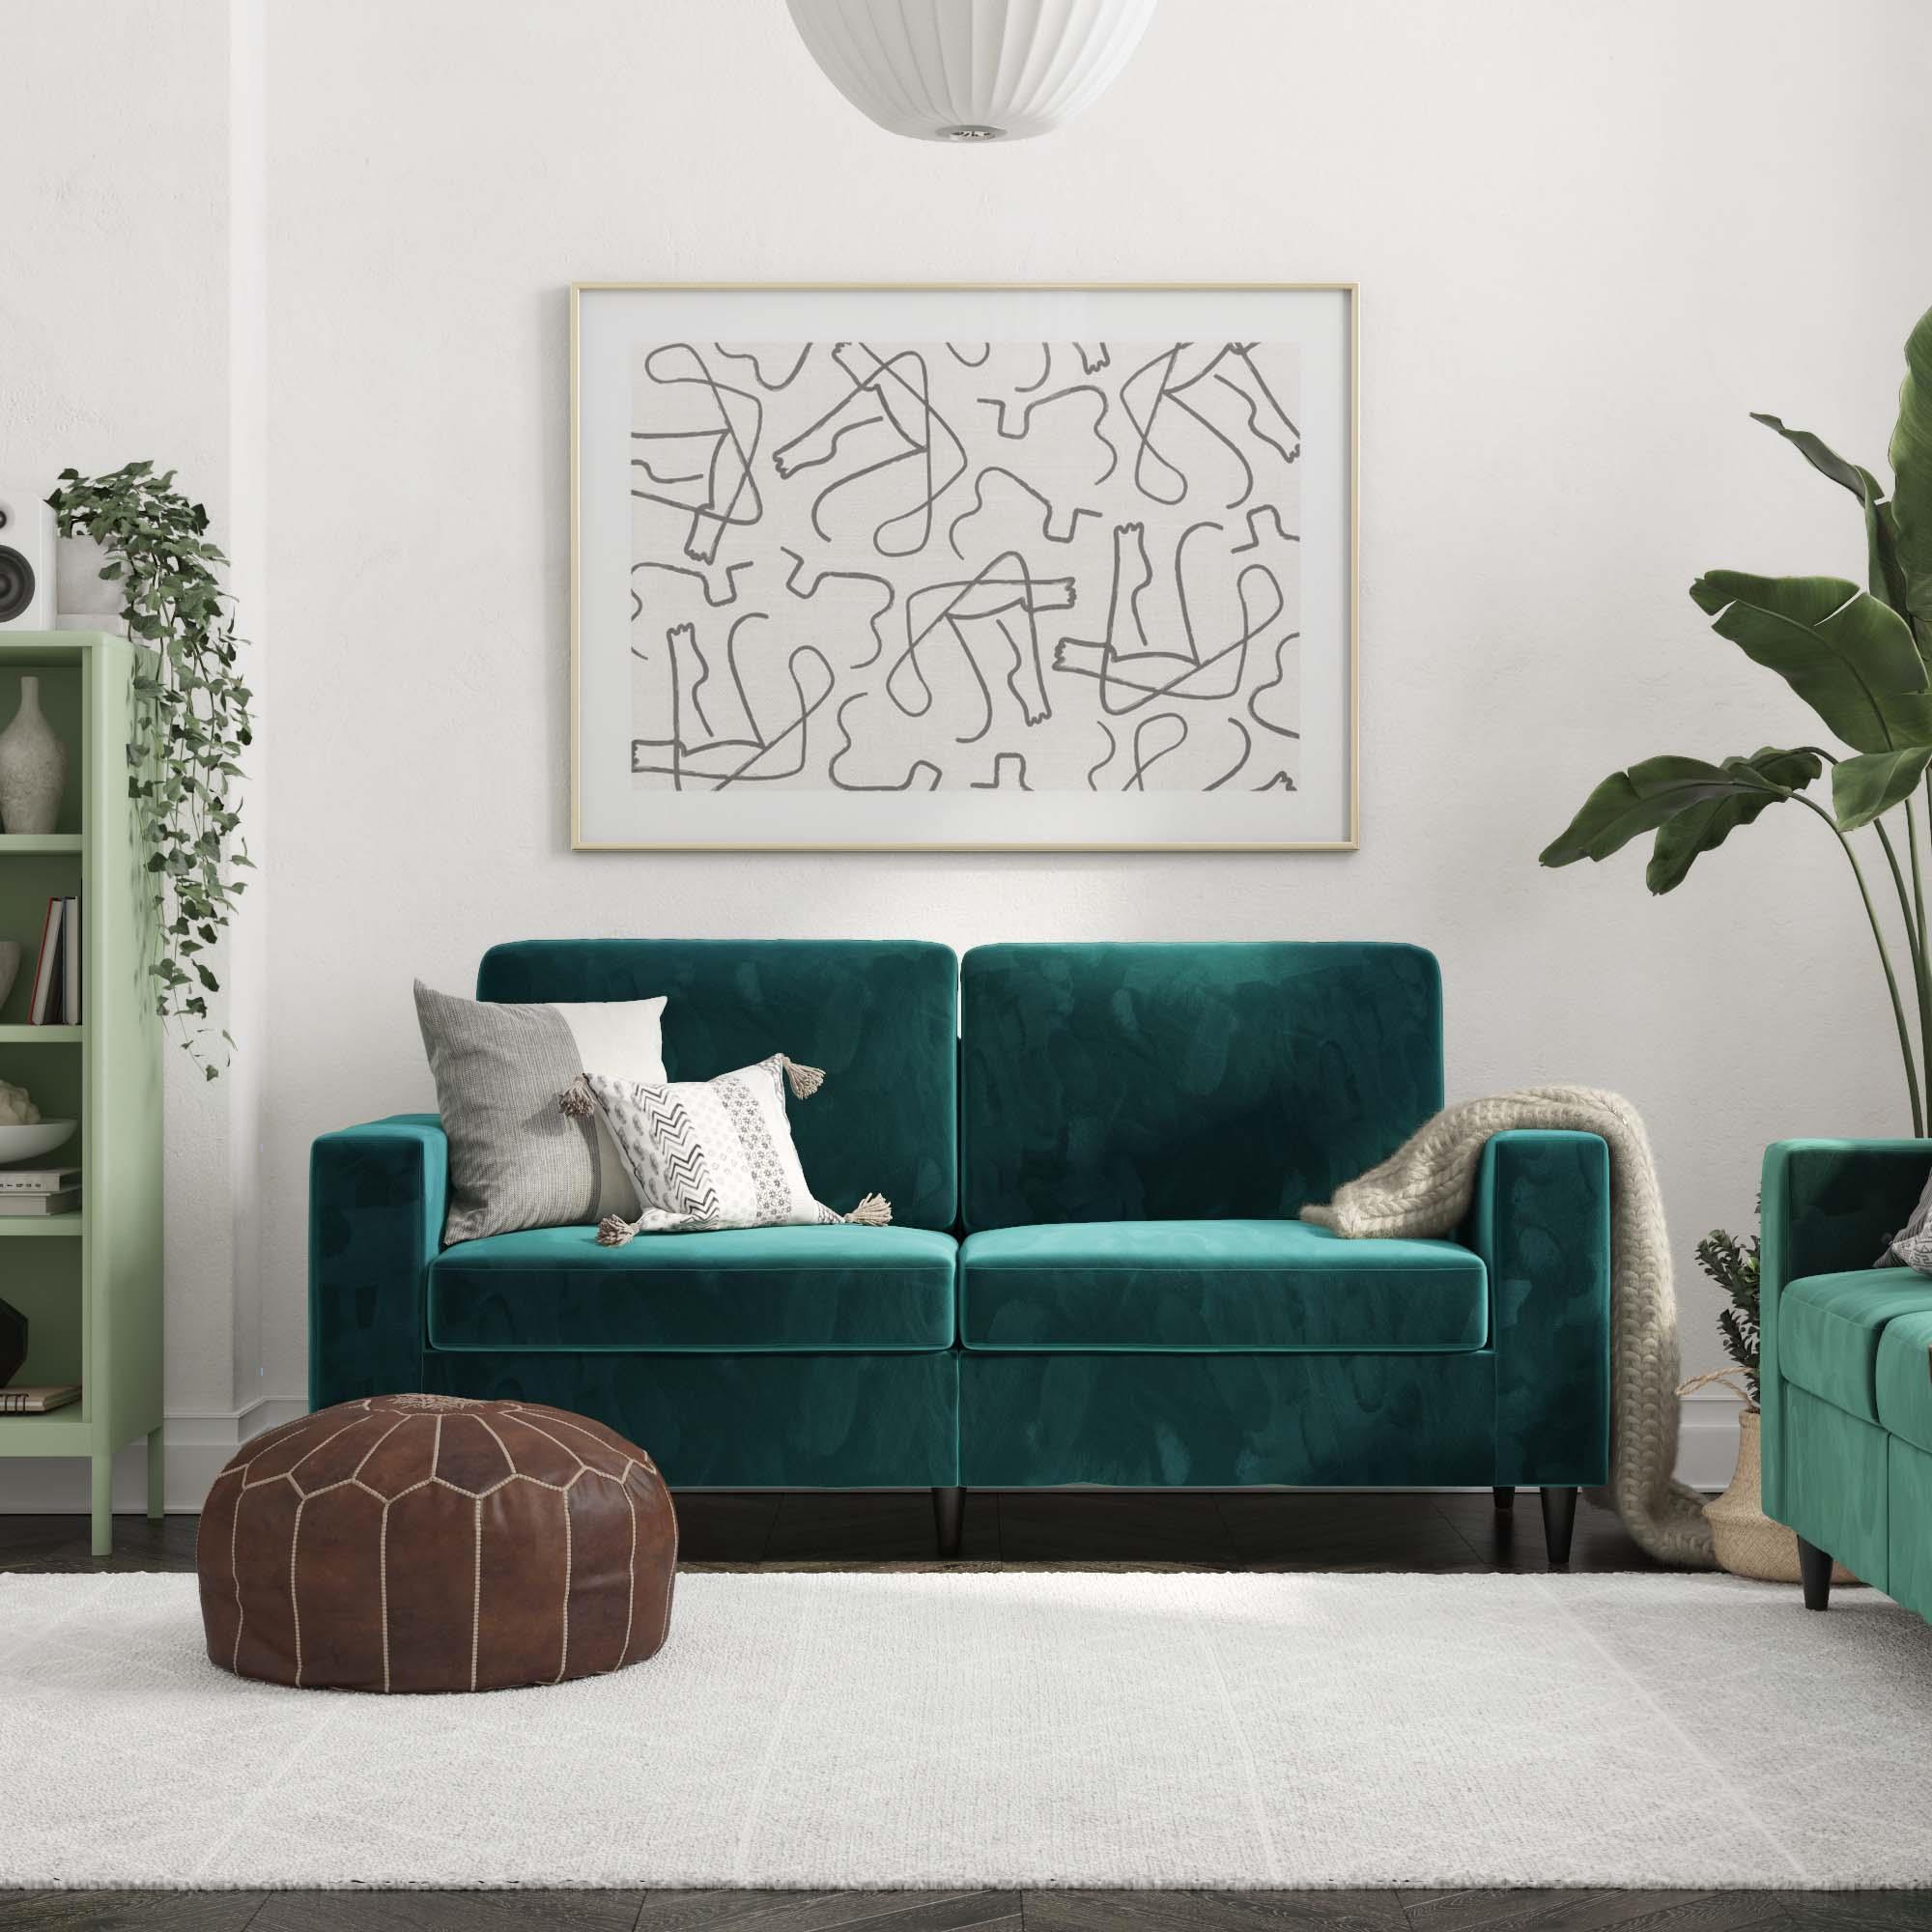 DHP Cooper Furniture Sofa $240 at Walmart